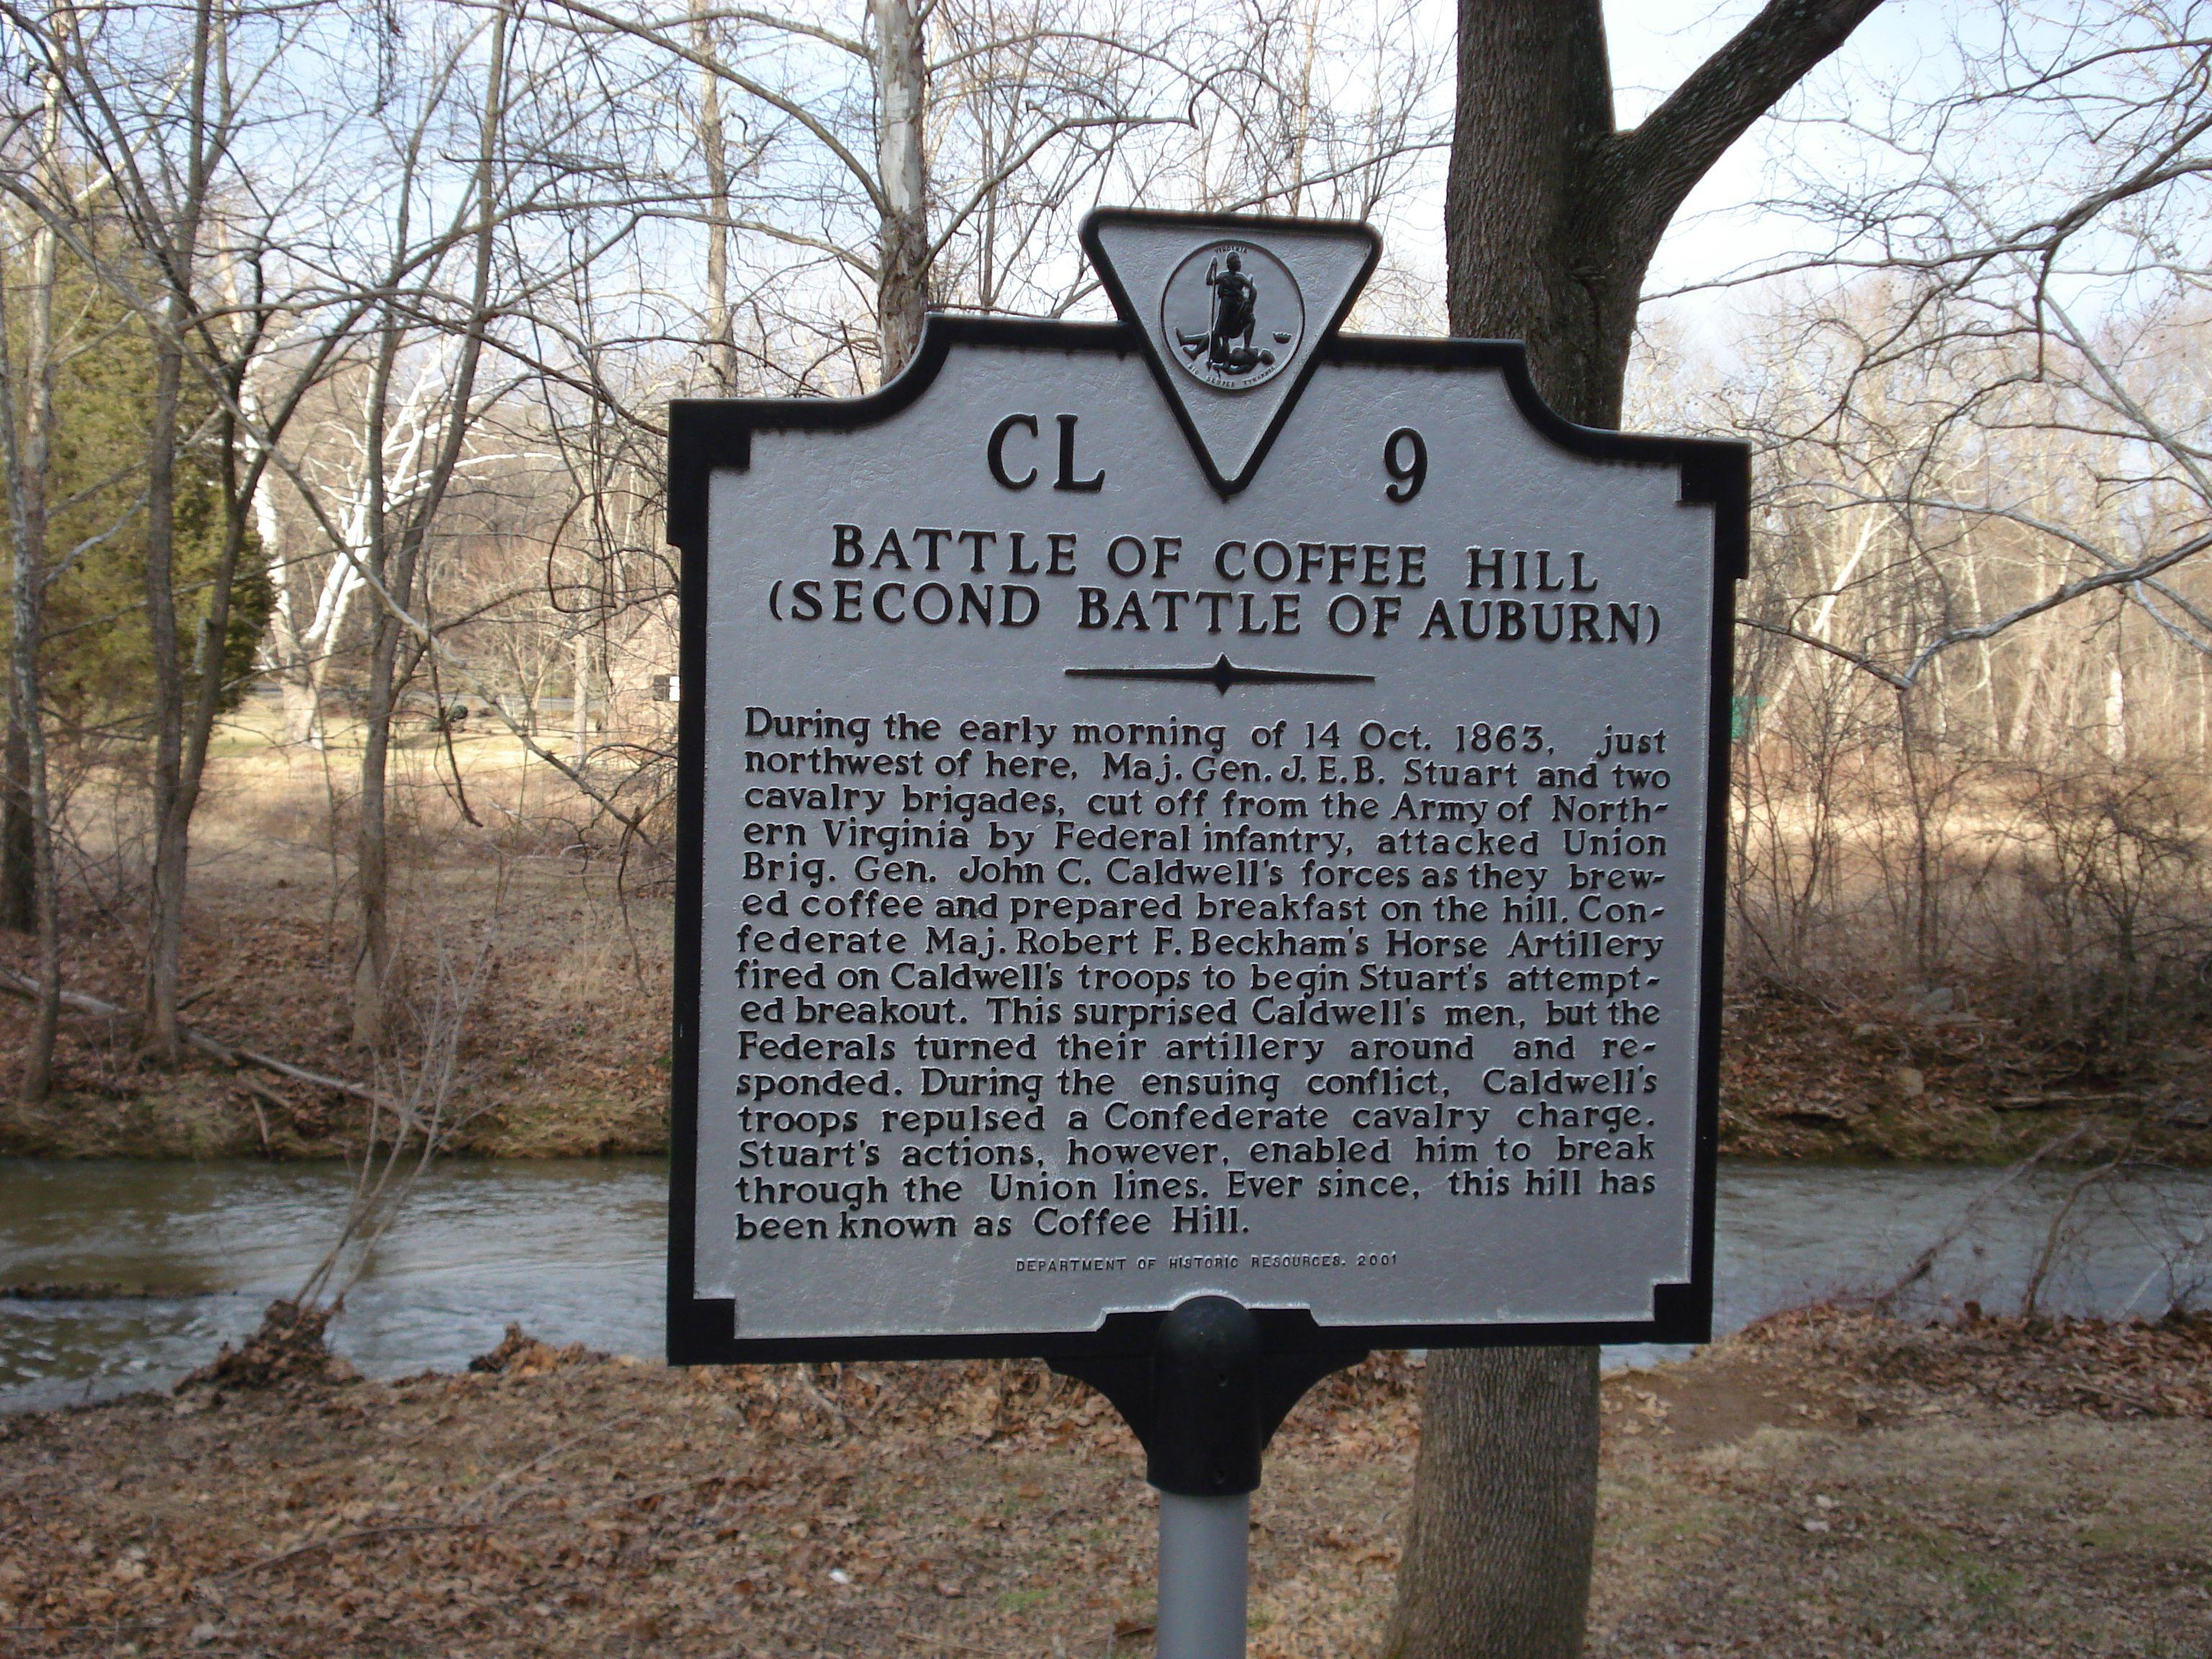 Battle of Coffee Hill Marker